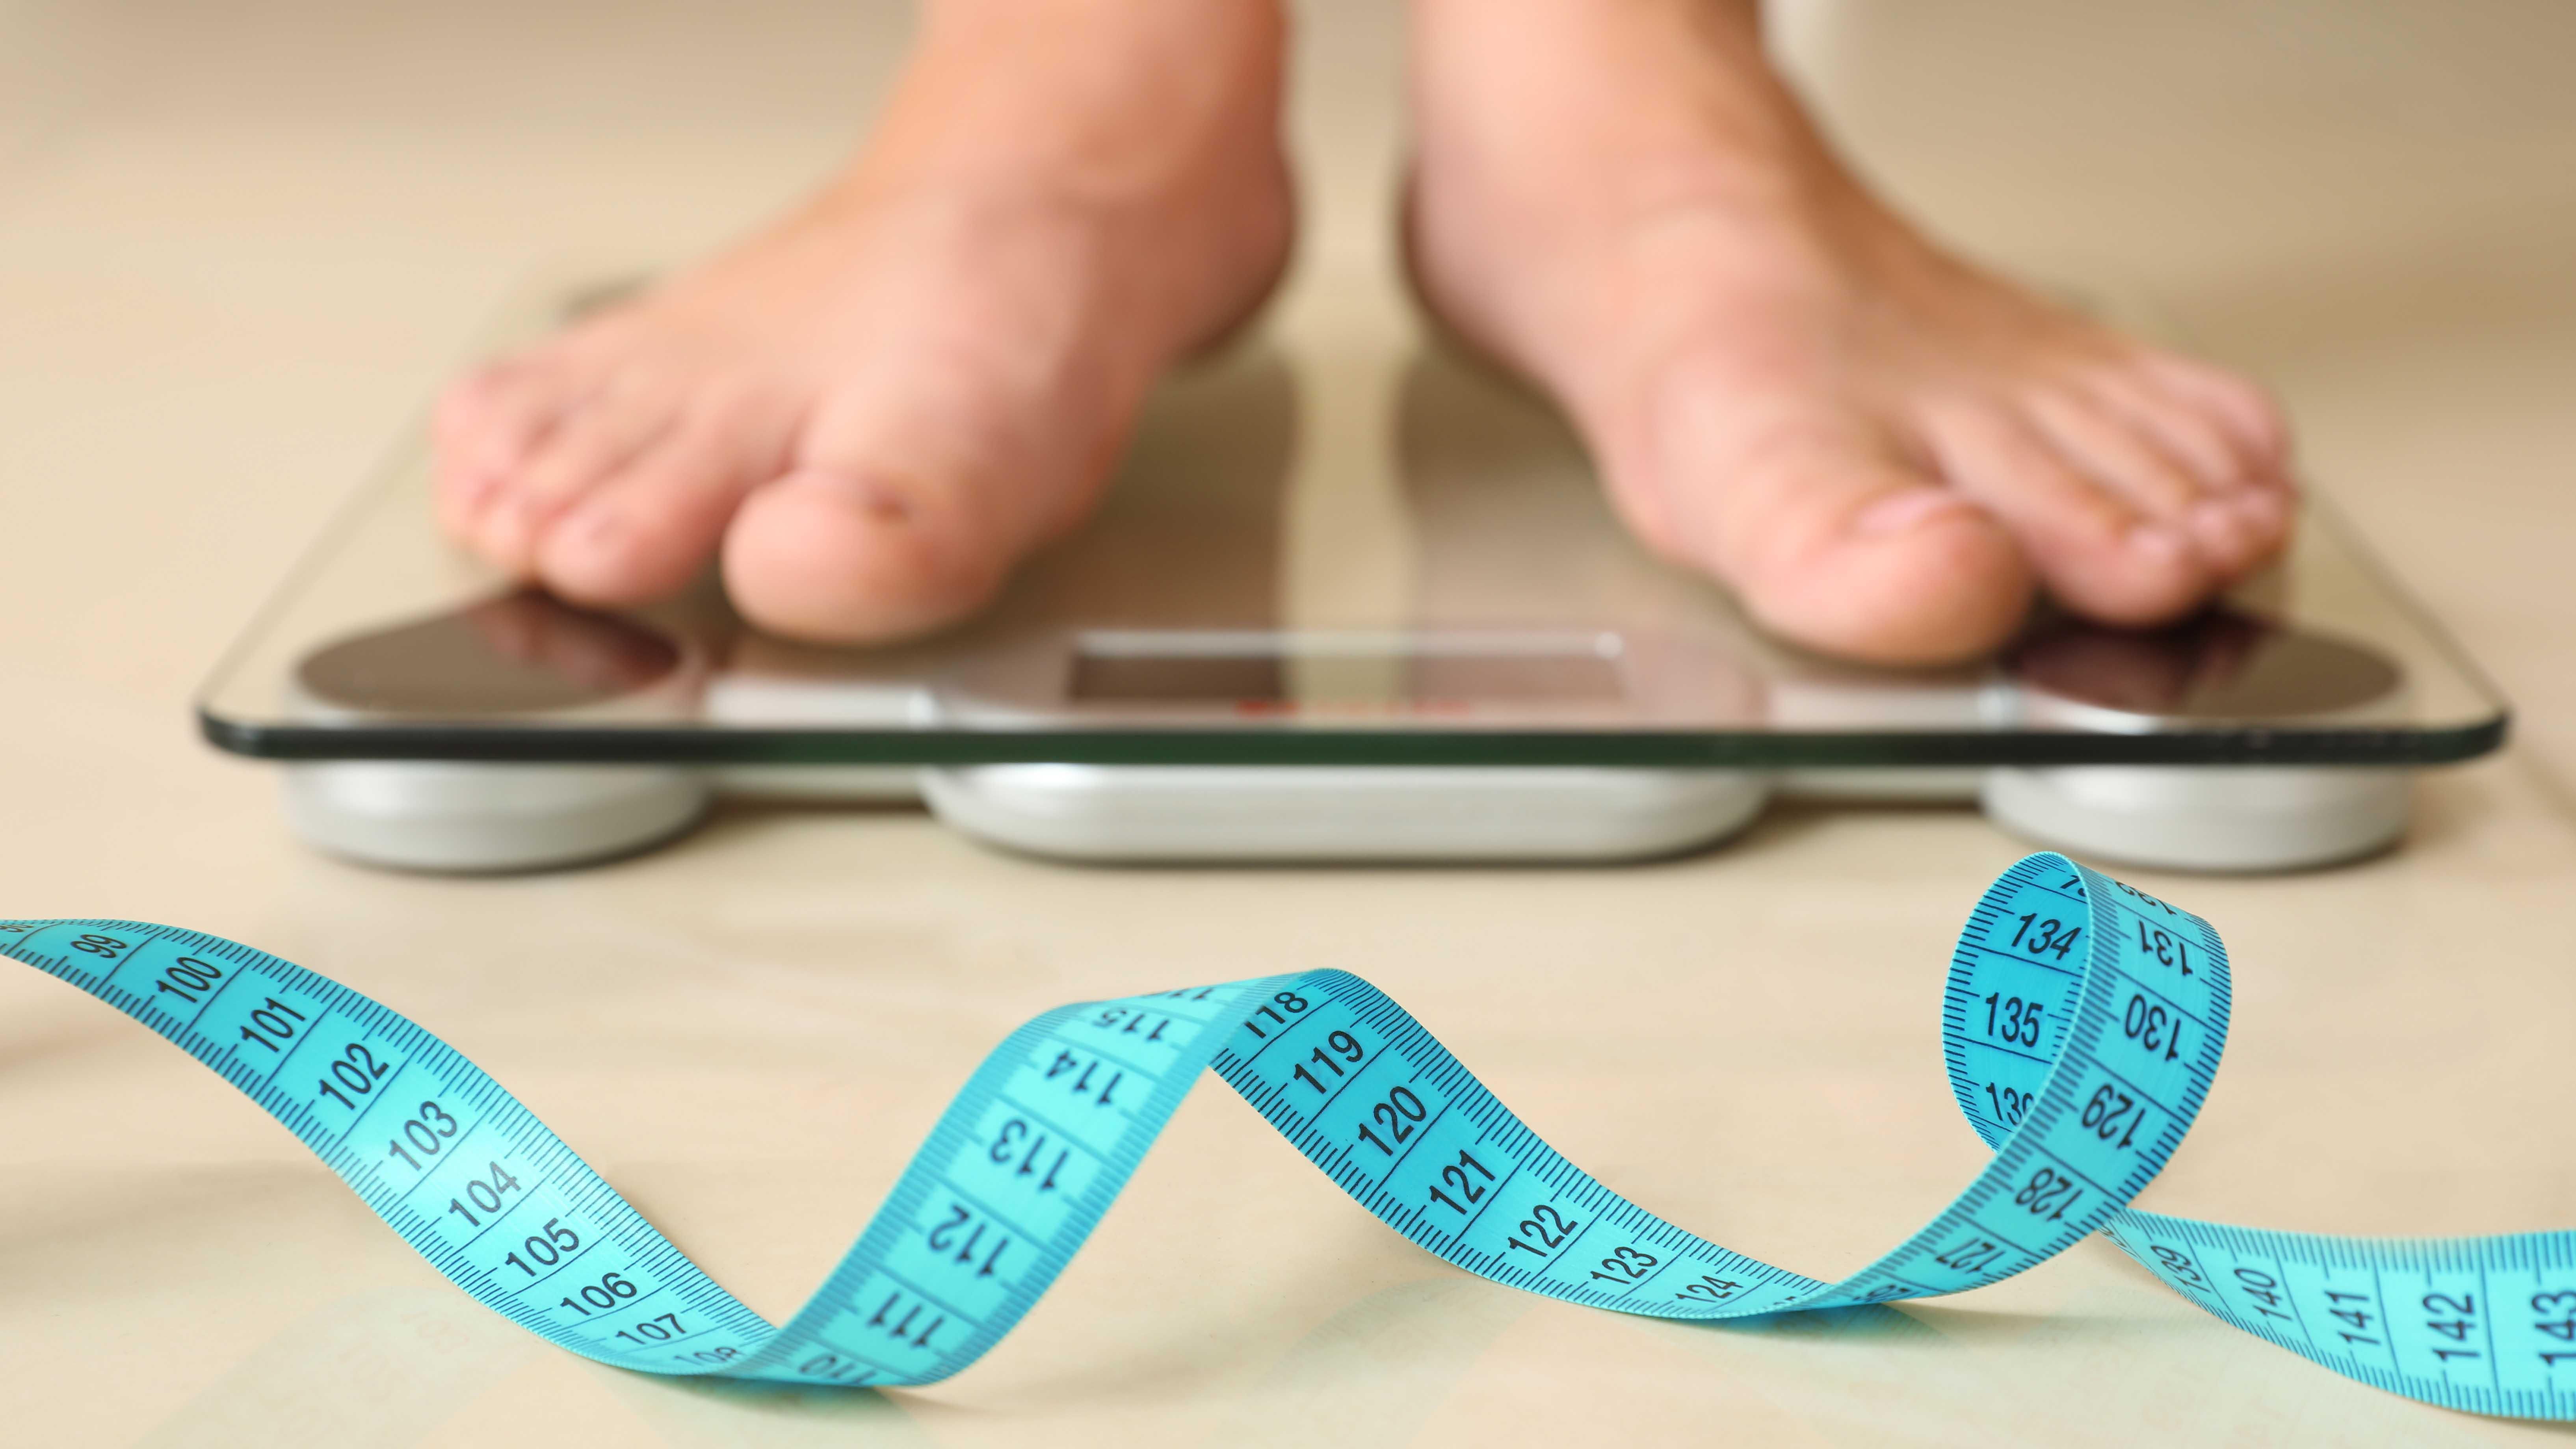 Es recomendable durante el aislamiento preventivo tratar de llevar un control diario de su peso.